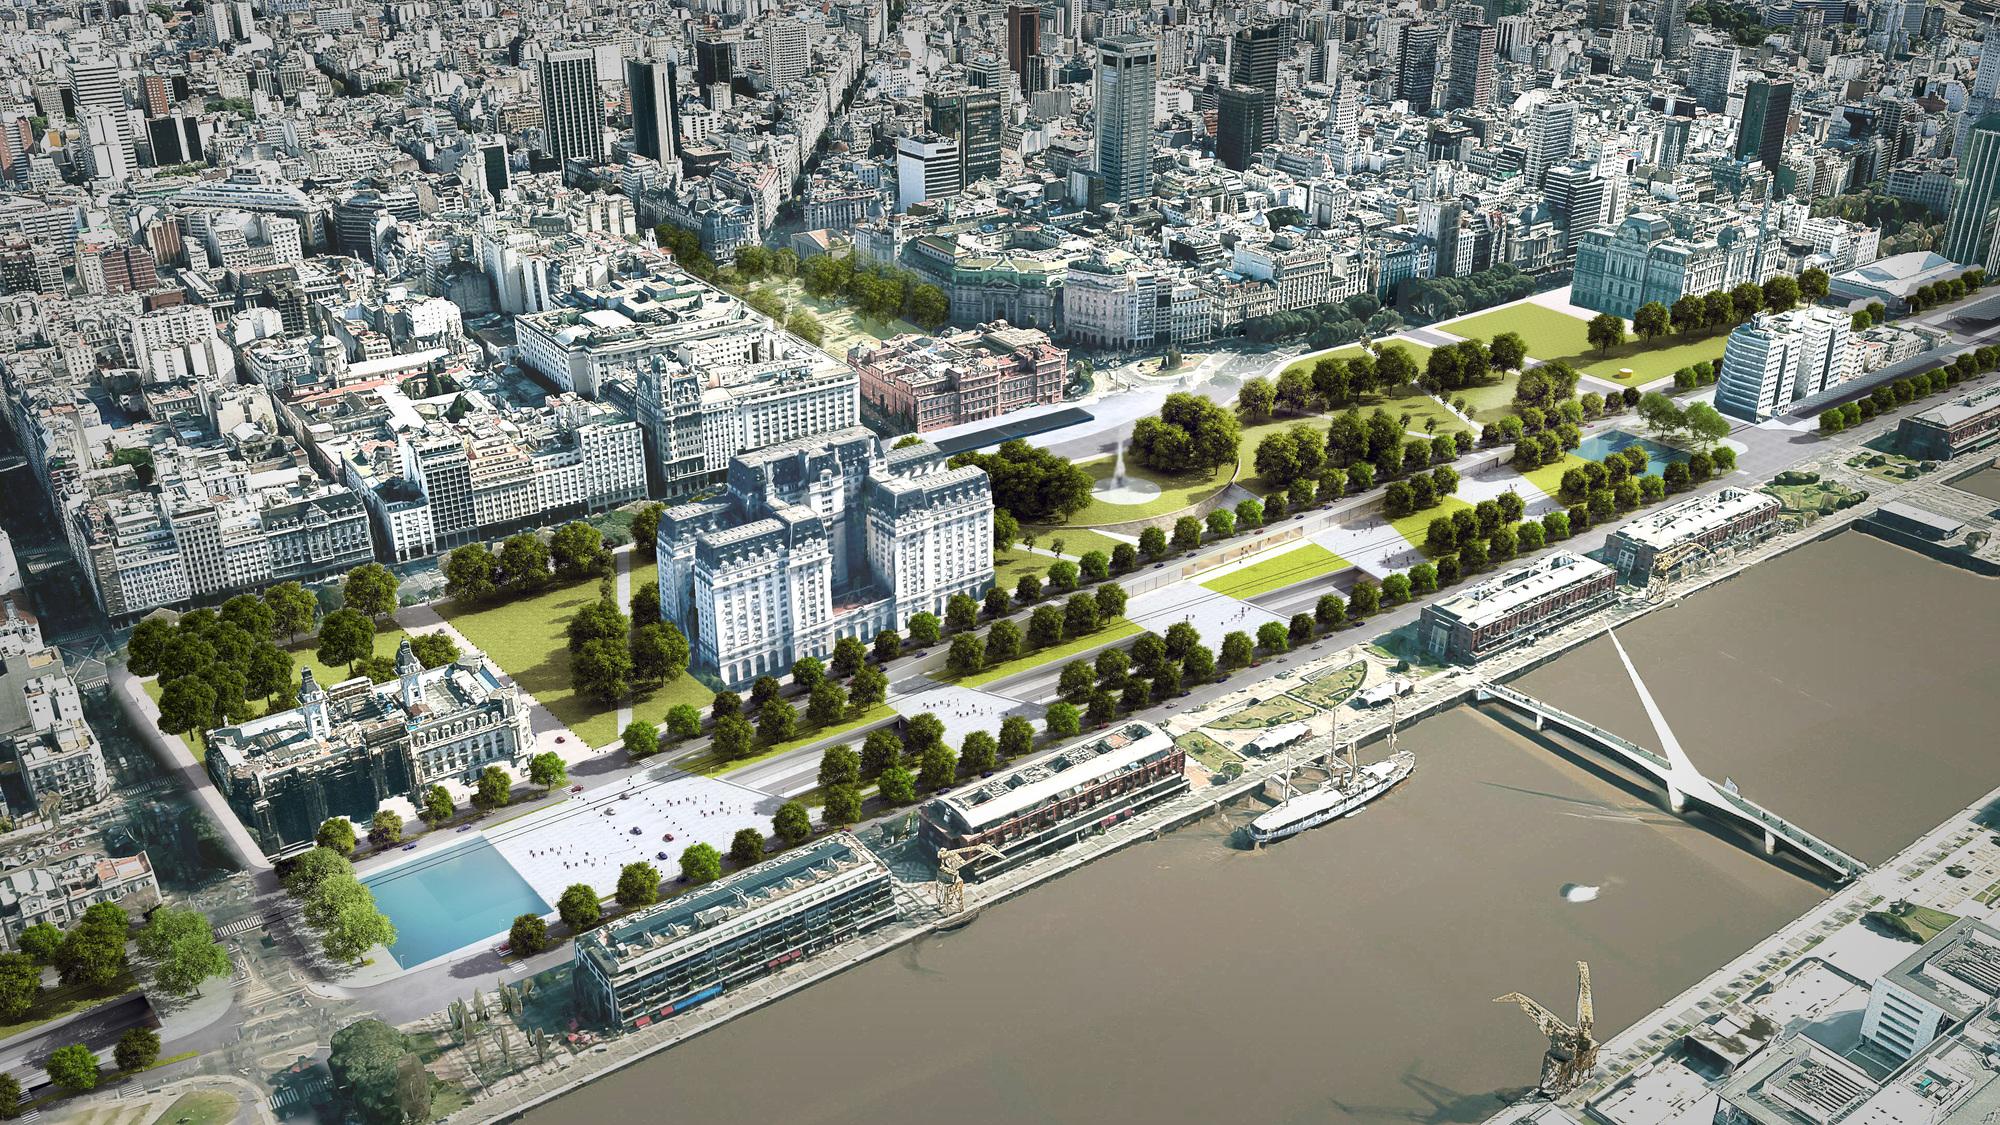 El proyecto que podr a reconfigurar puerto madero y retiro for Arquitectura de proyectos